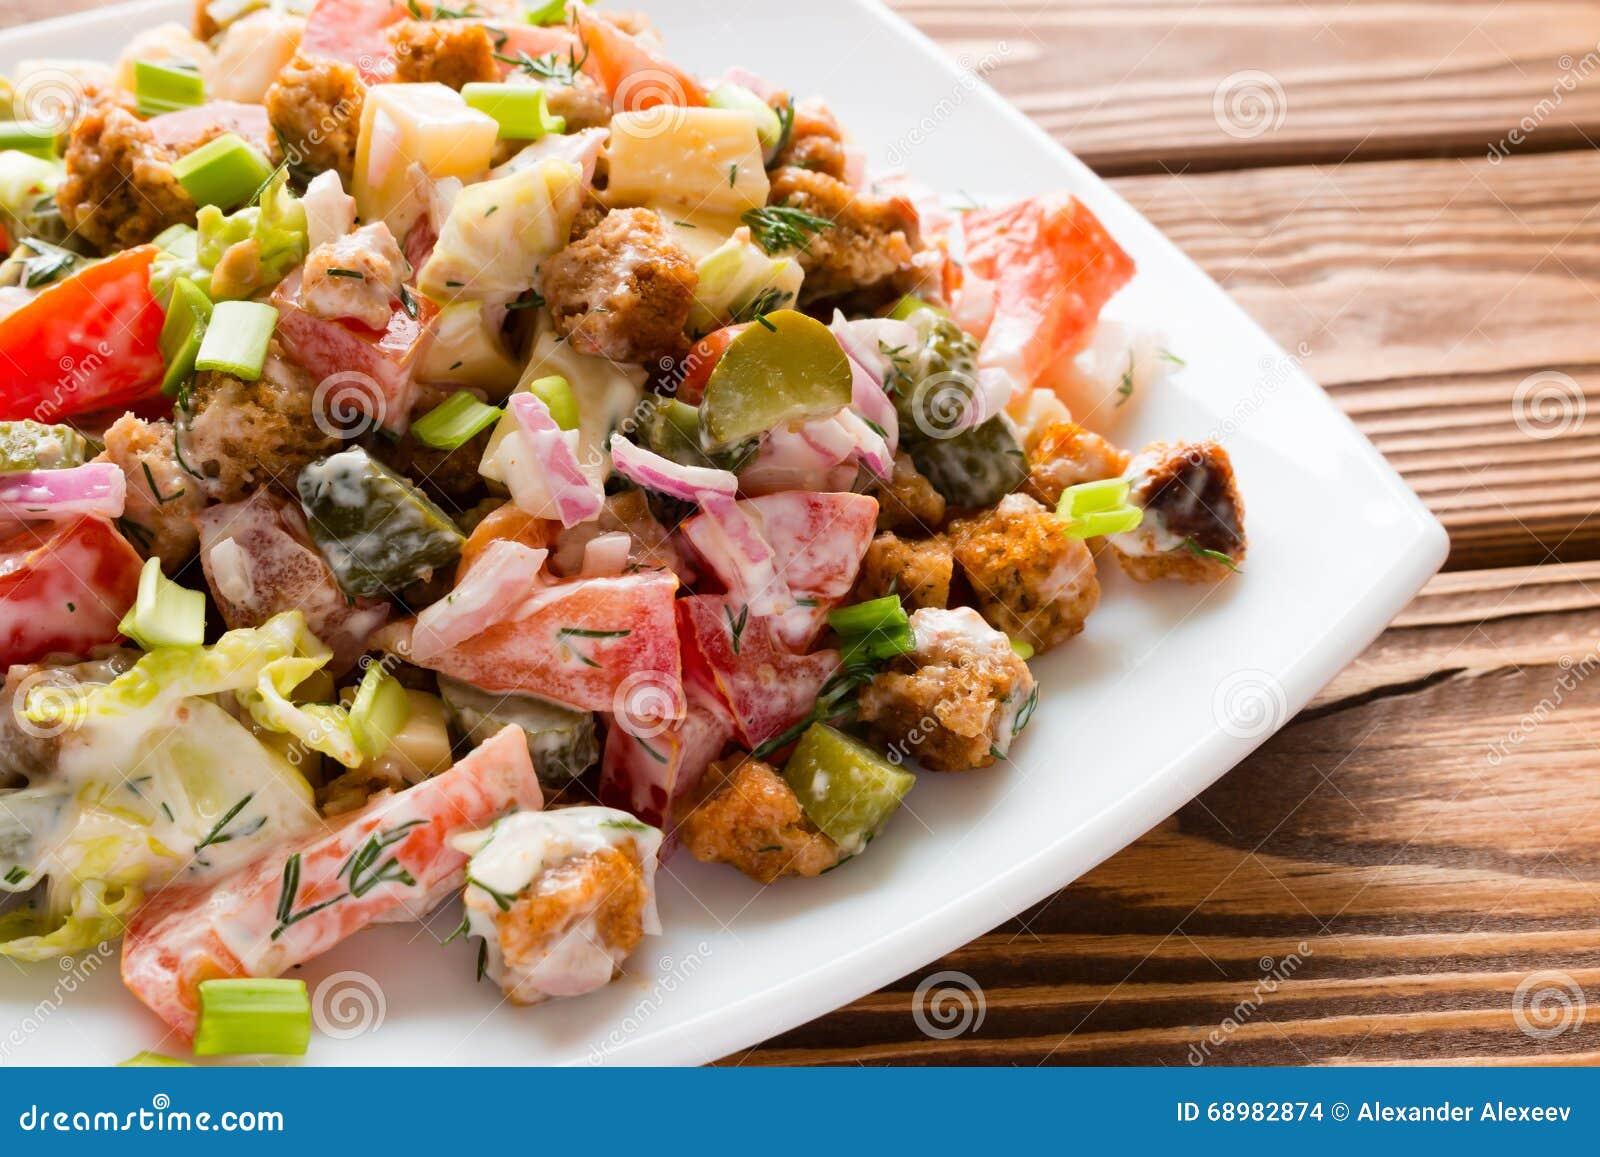 Ensalada vegetal con mayonesa en la placa blanca